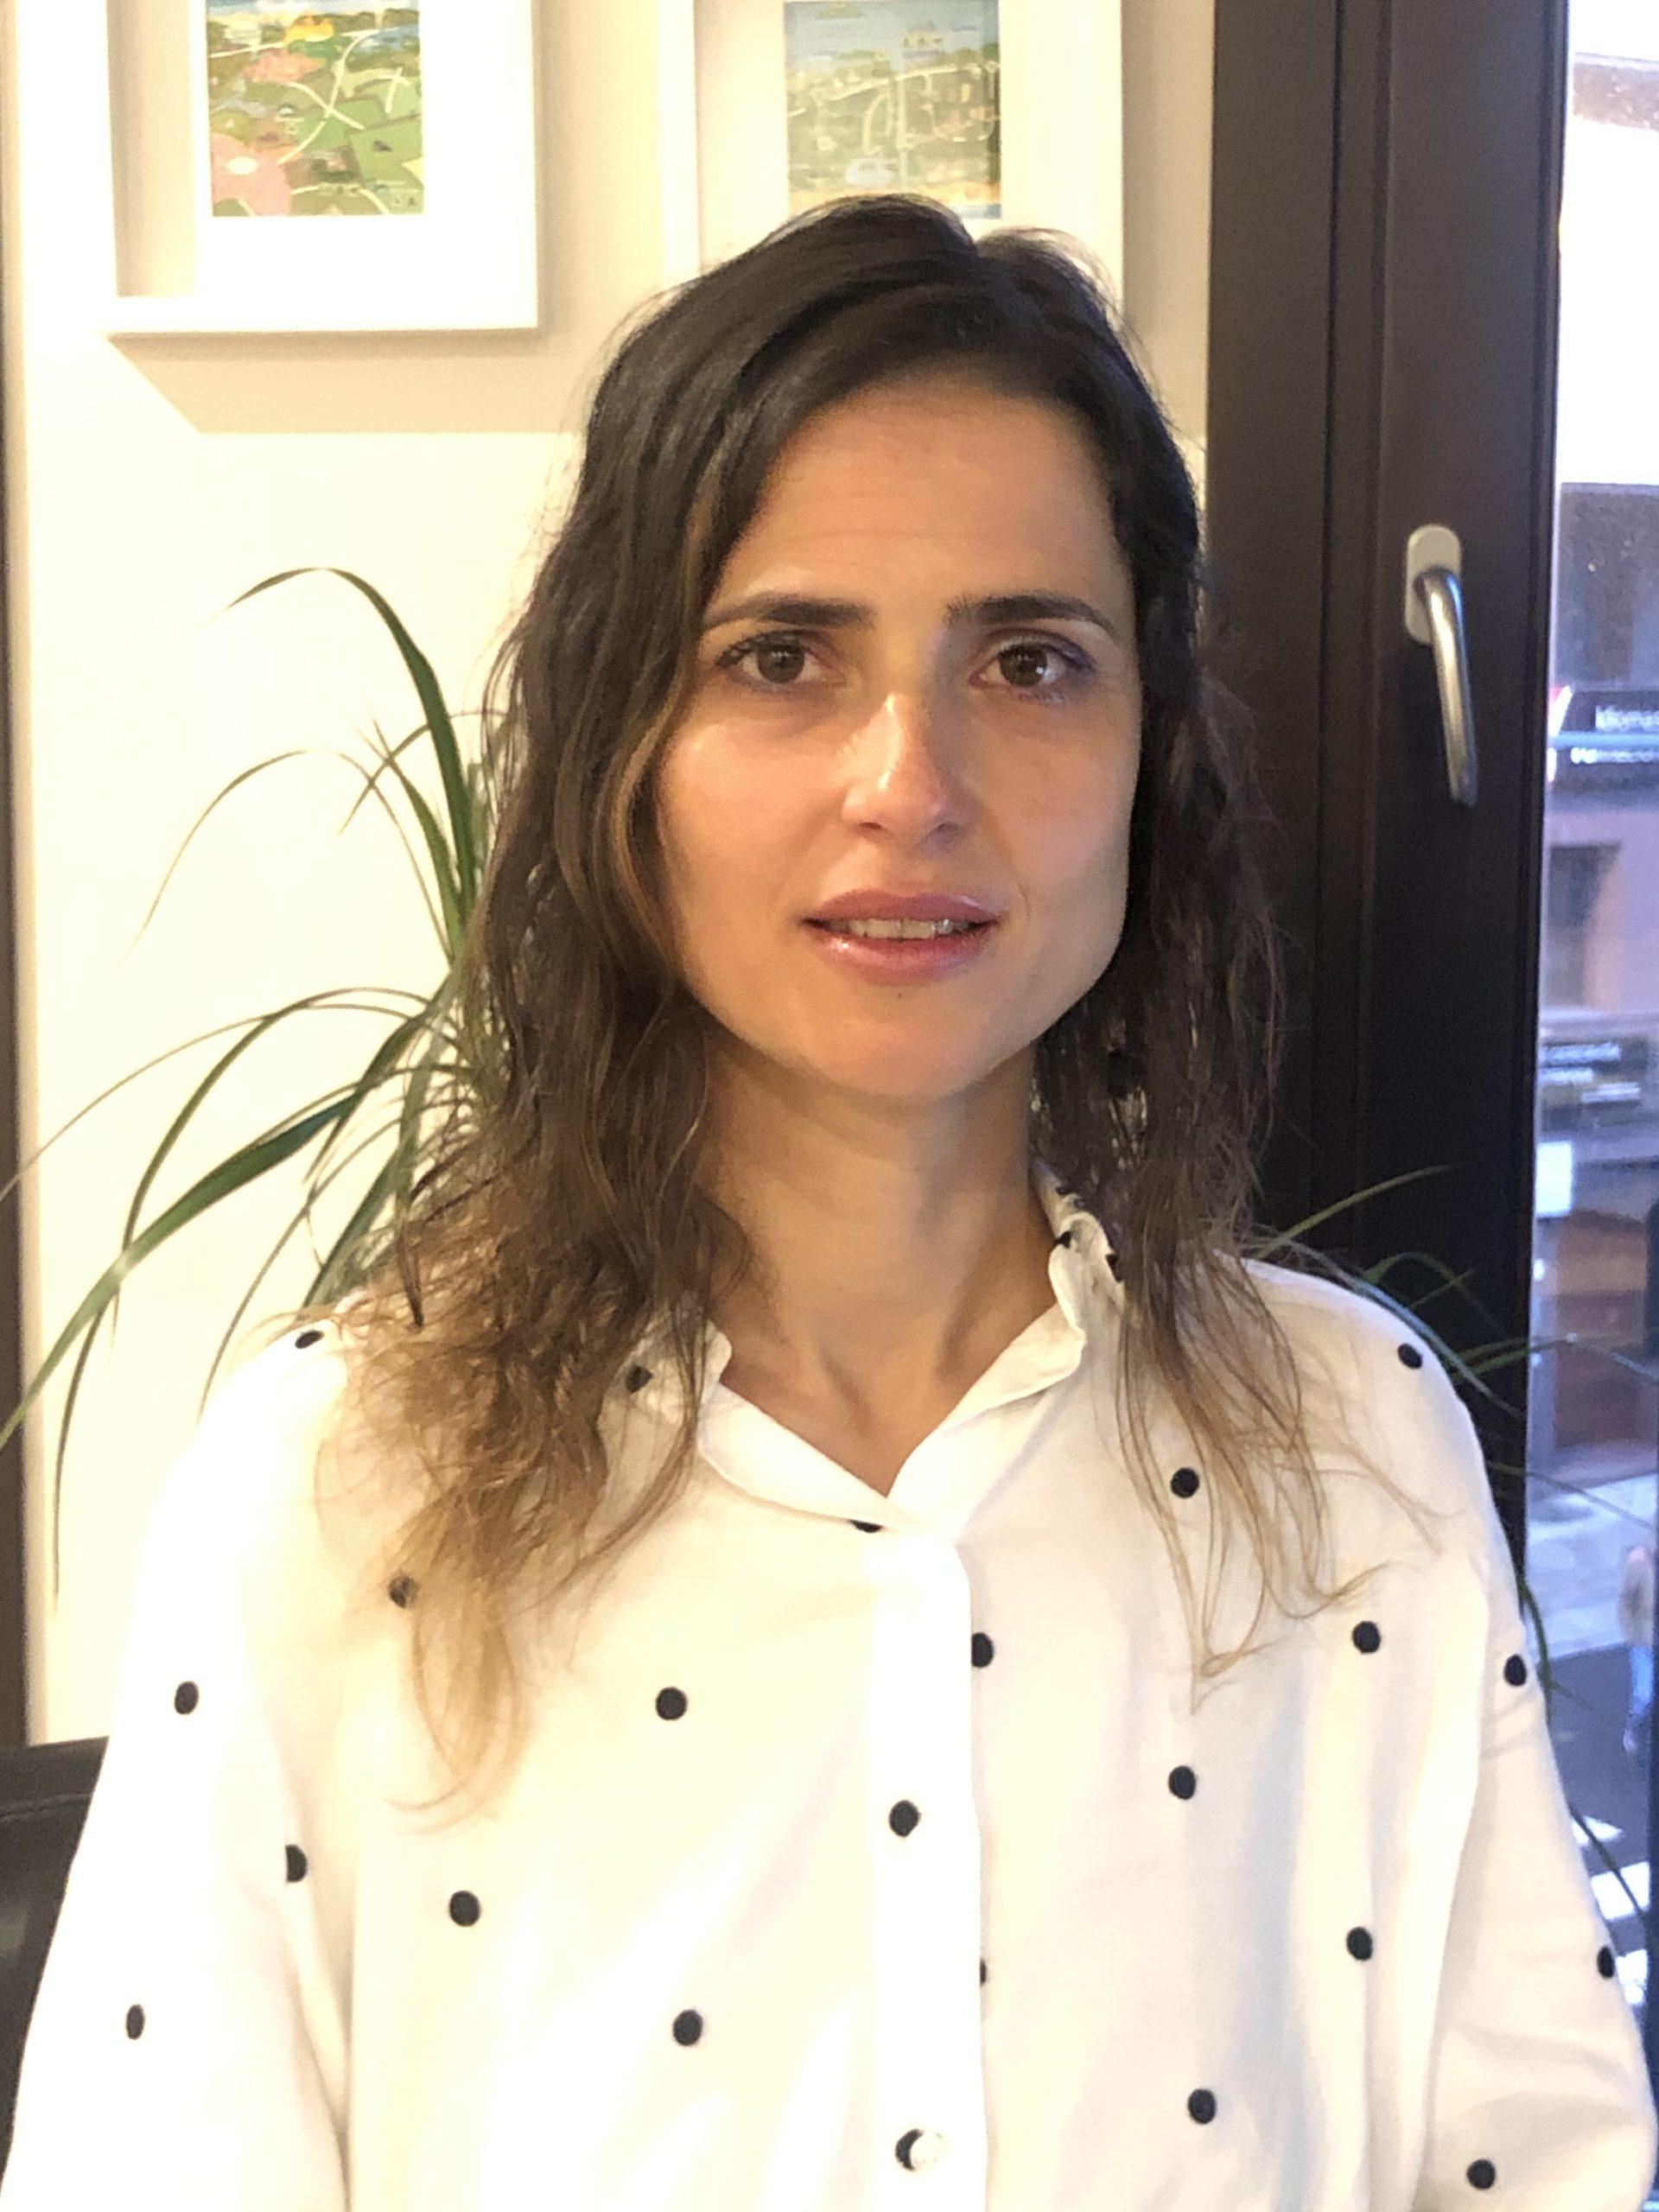 Compartimos con vos, o artigo publicado pola nosa compañeira de ASEIA Vanessa Rodríguez Pousada, xunto con Purificación Leal Docampo, presidenta de Sogasex. Consulta o artigo completo no seguinte enlace: